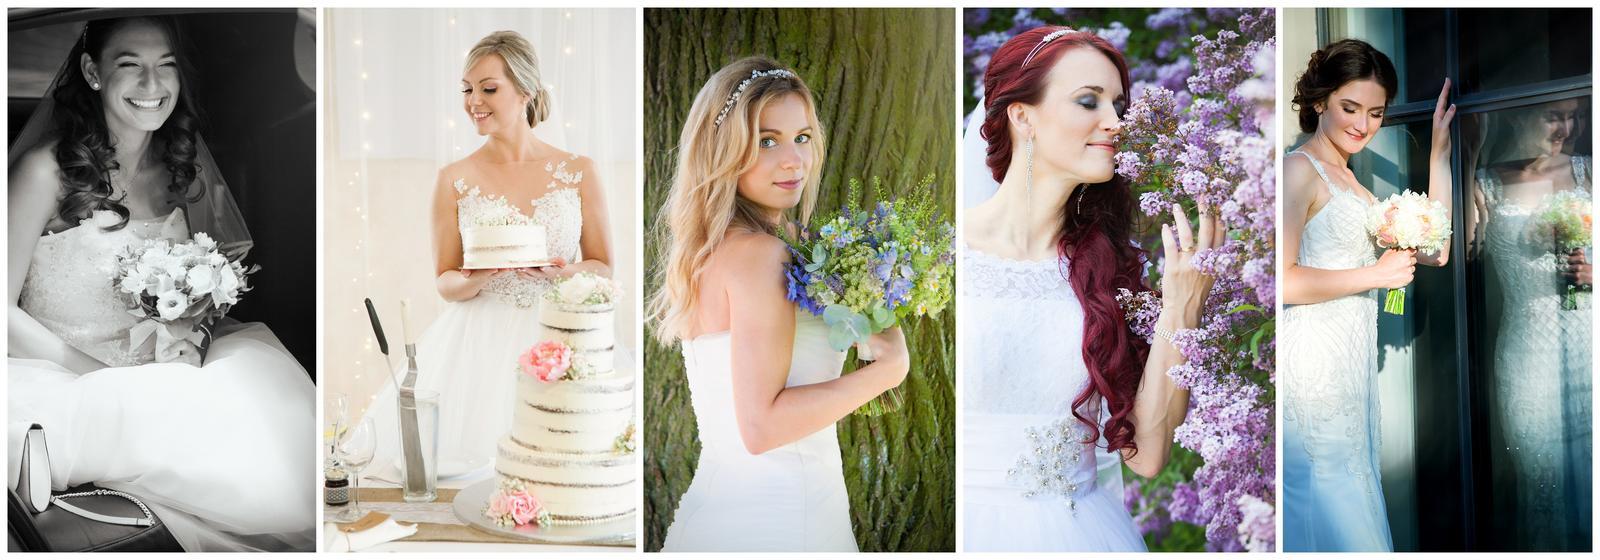 Mé krásné nevěsty ♥ - Obrázek č. 1